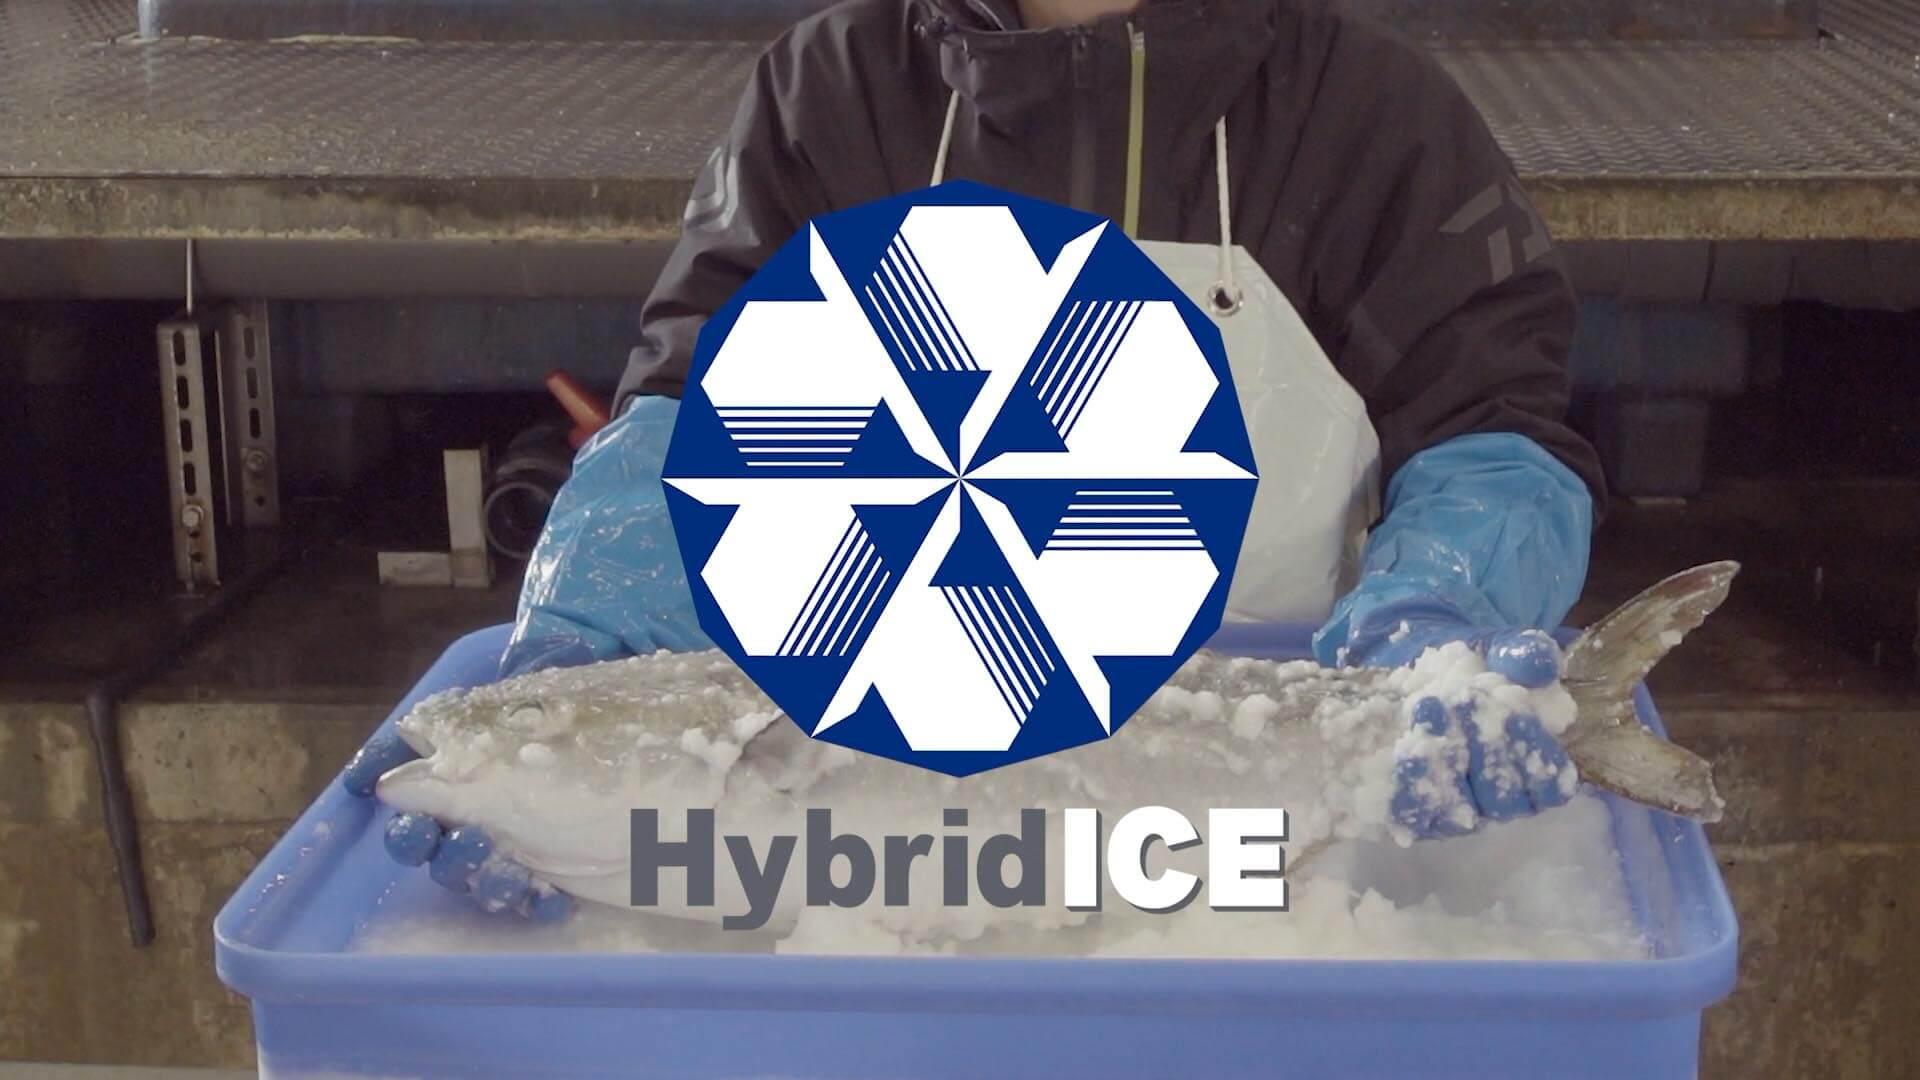 鮮魚の高鮮度・長期保存を実現した次世代製氷機「ハイブリッドアイス」PR動画制作事例